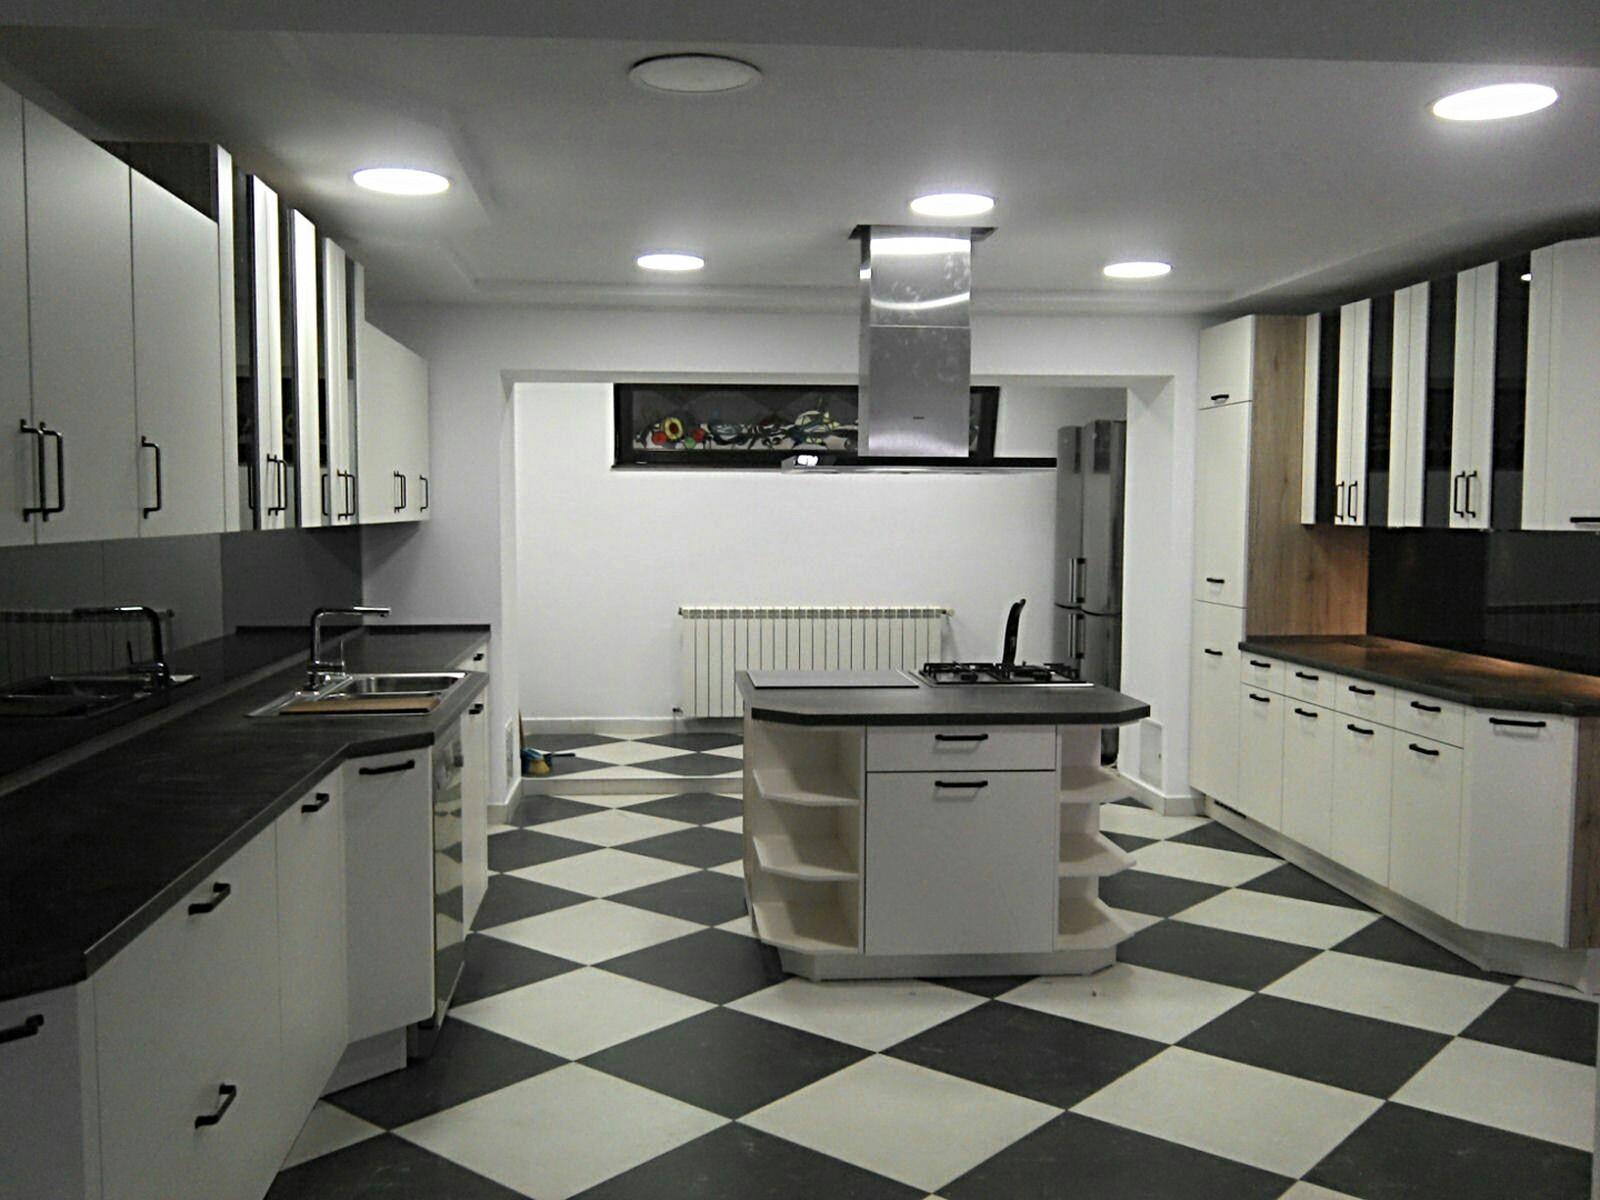 Referință - Bucătărie modernă Nobilia Touch - Bej / Vintage Copper